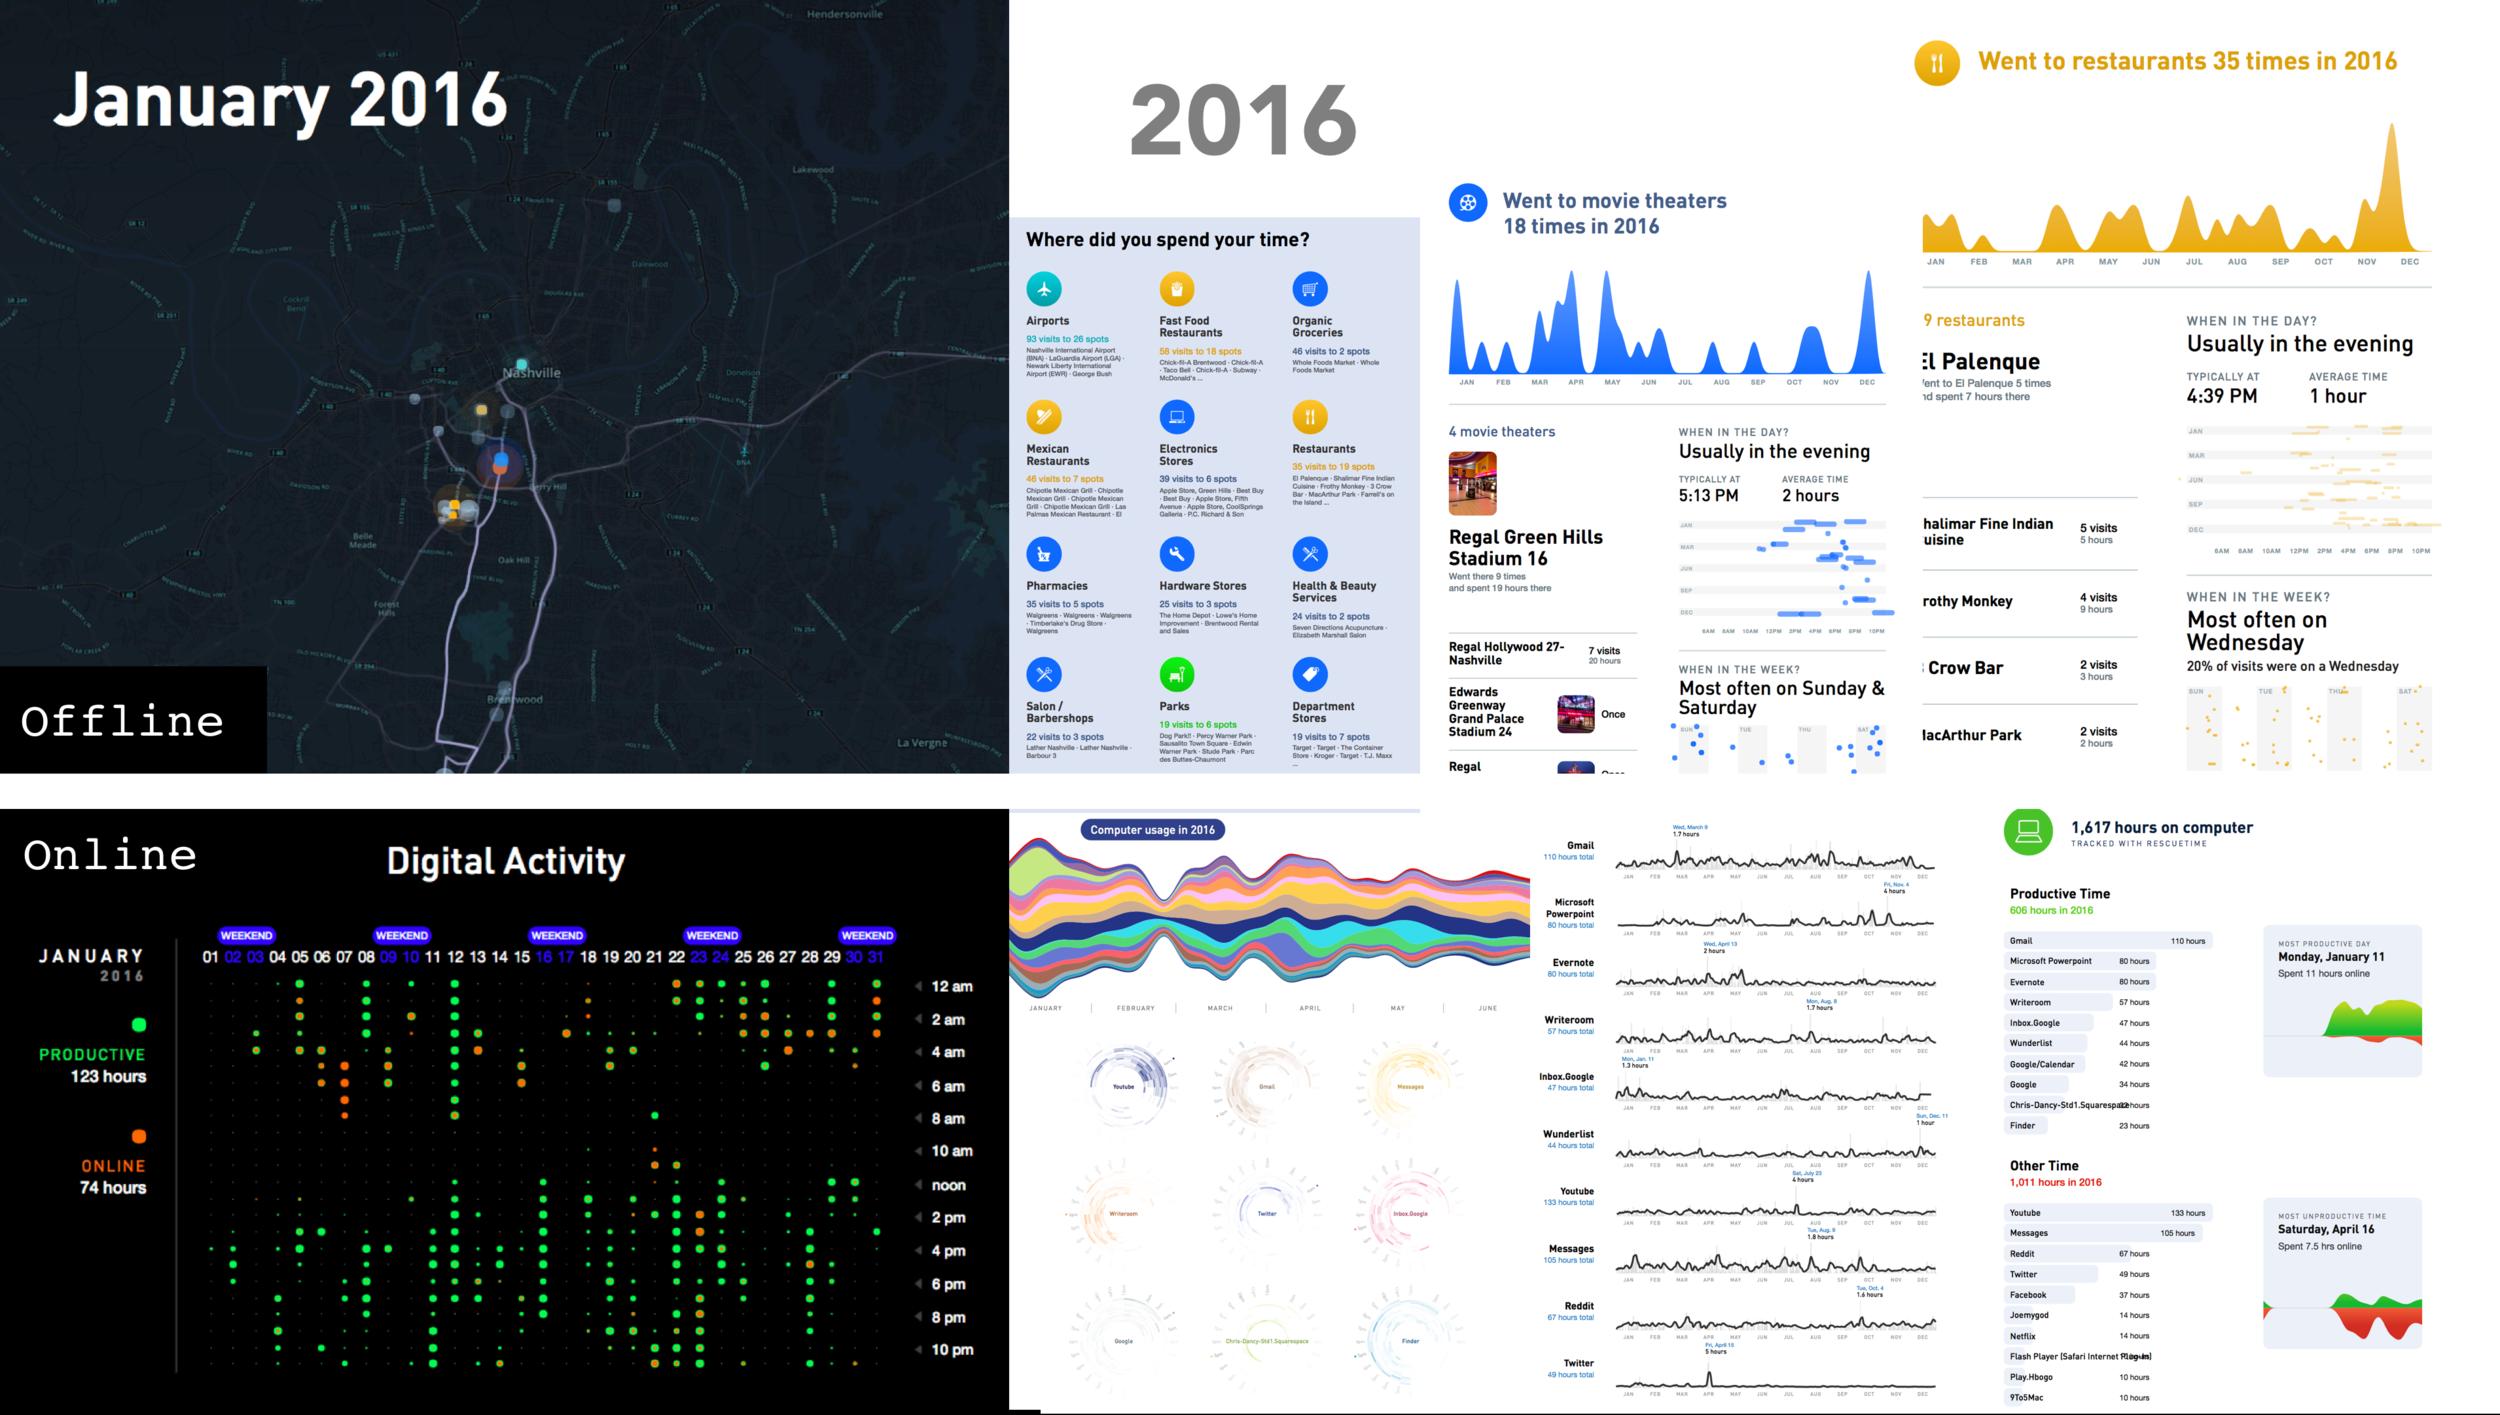 2016 -Data Online / Offline - Gyroscope